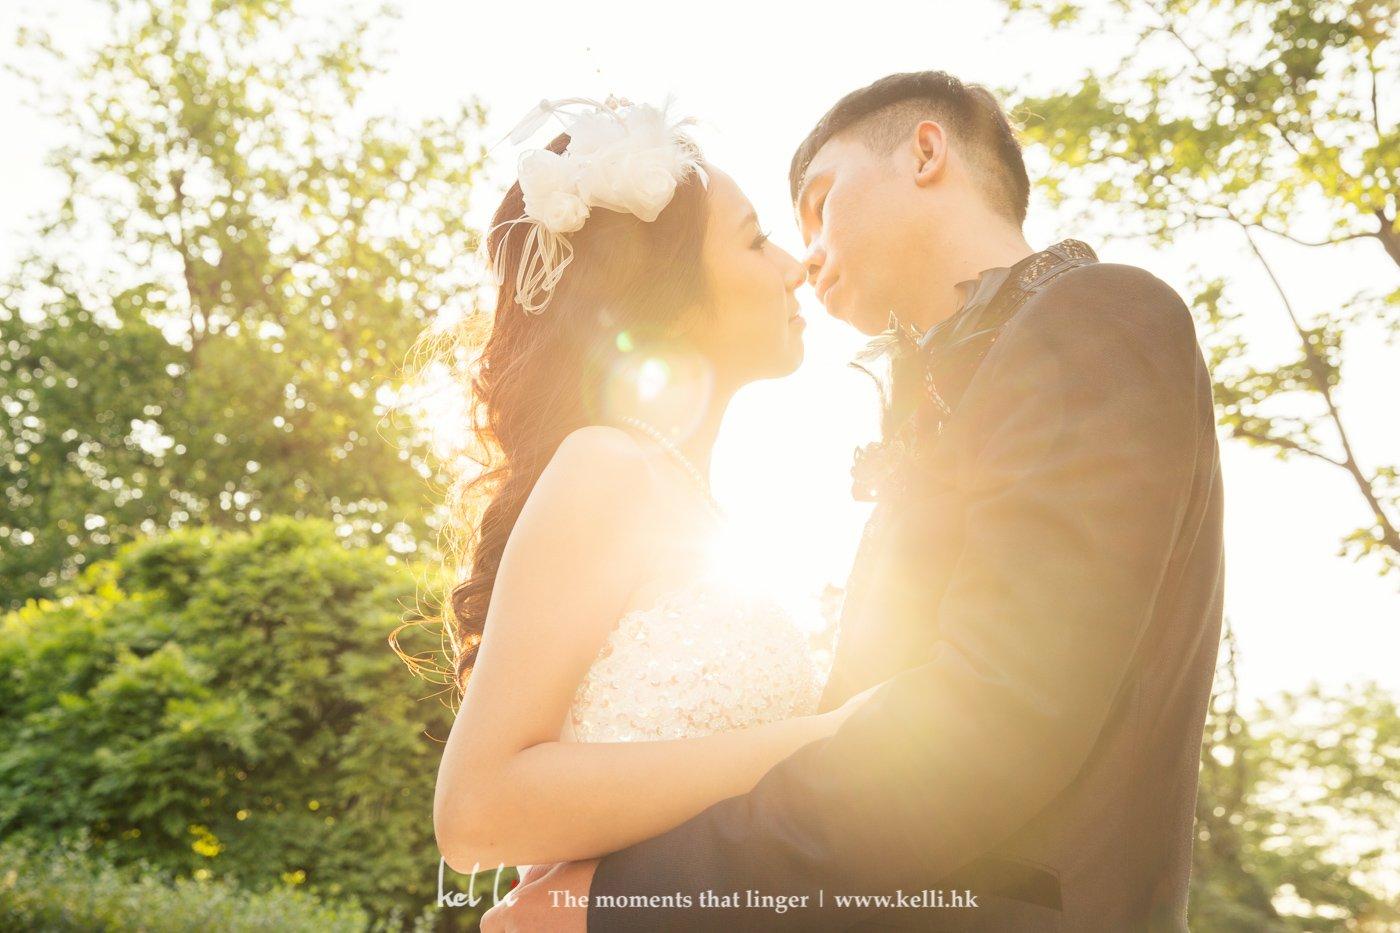 我們的拍攝是很多元化,和暖感覺的婚照也是我們喜愛的